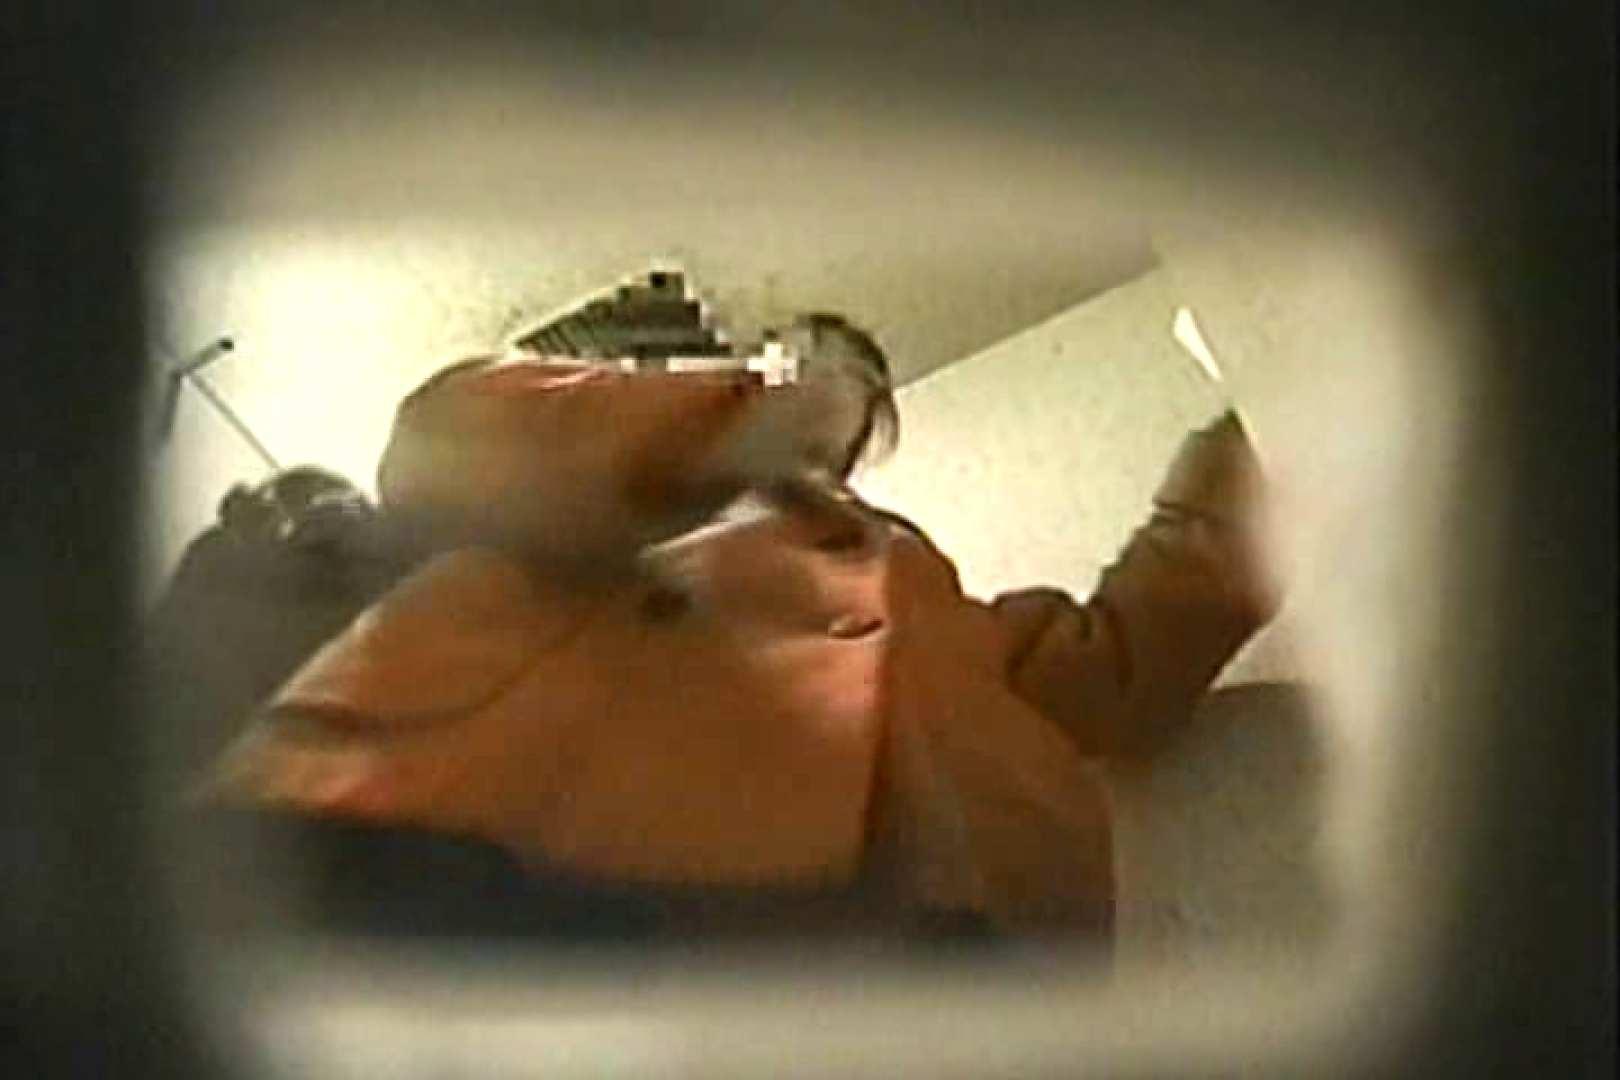 女子洗面所盗撮 今度の2カメは若い子だらけ  TK-127 おまんこ  76枚 27